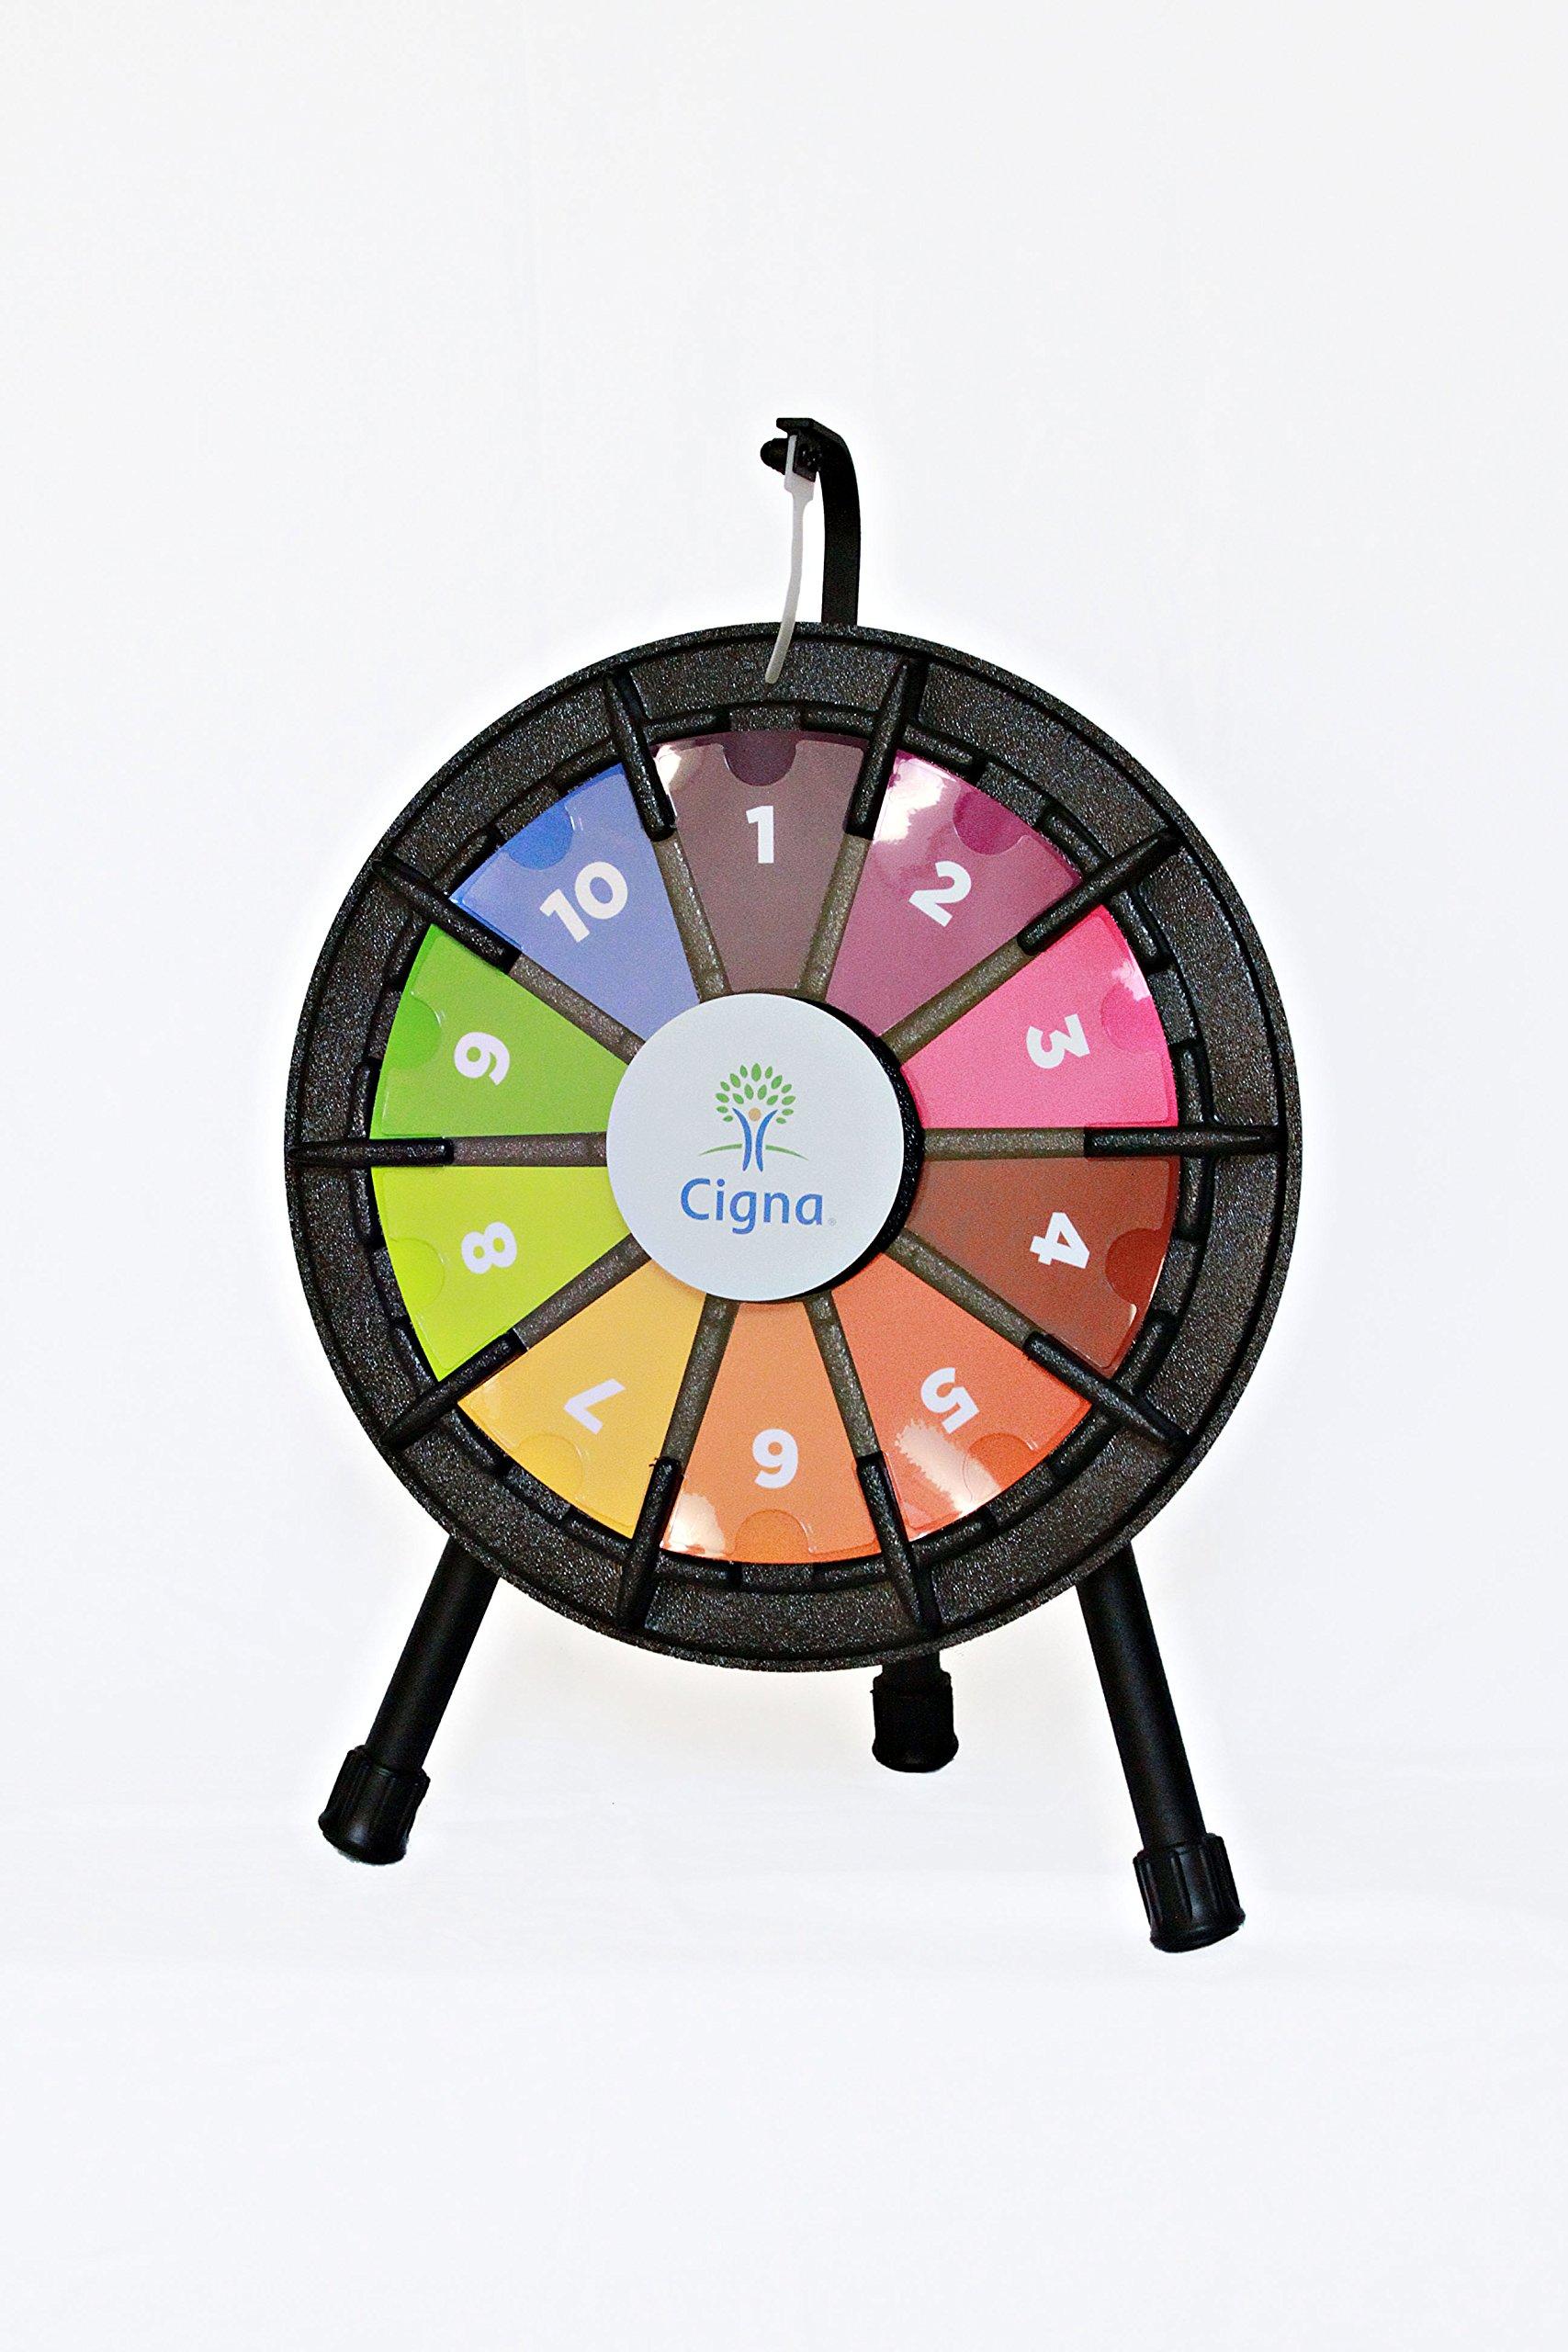 10 Slot Tabletop Micro Prize Wheel (14 Inch Diameter)